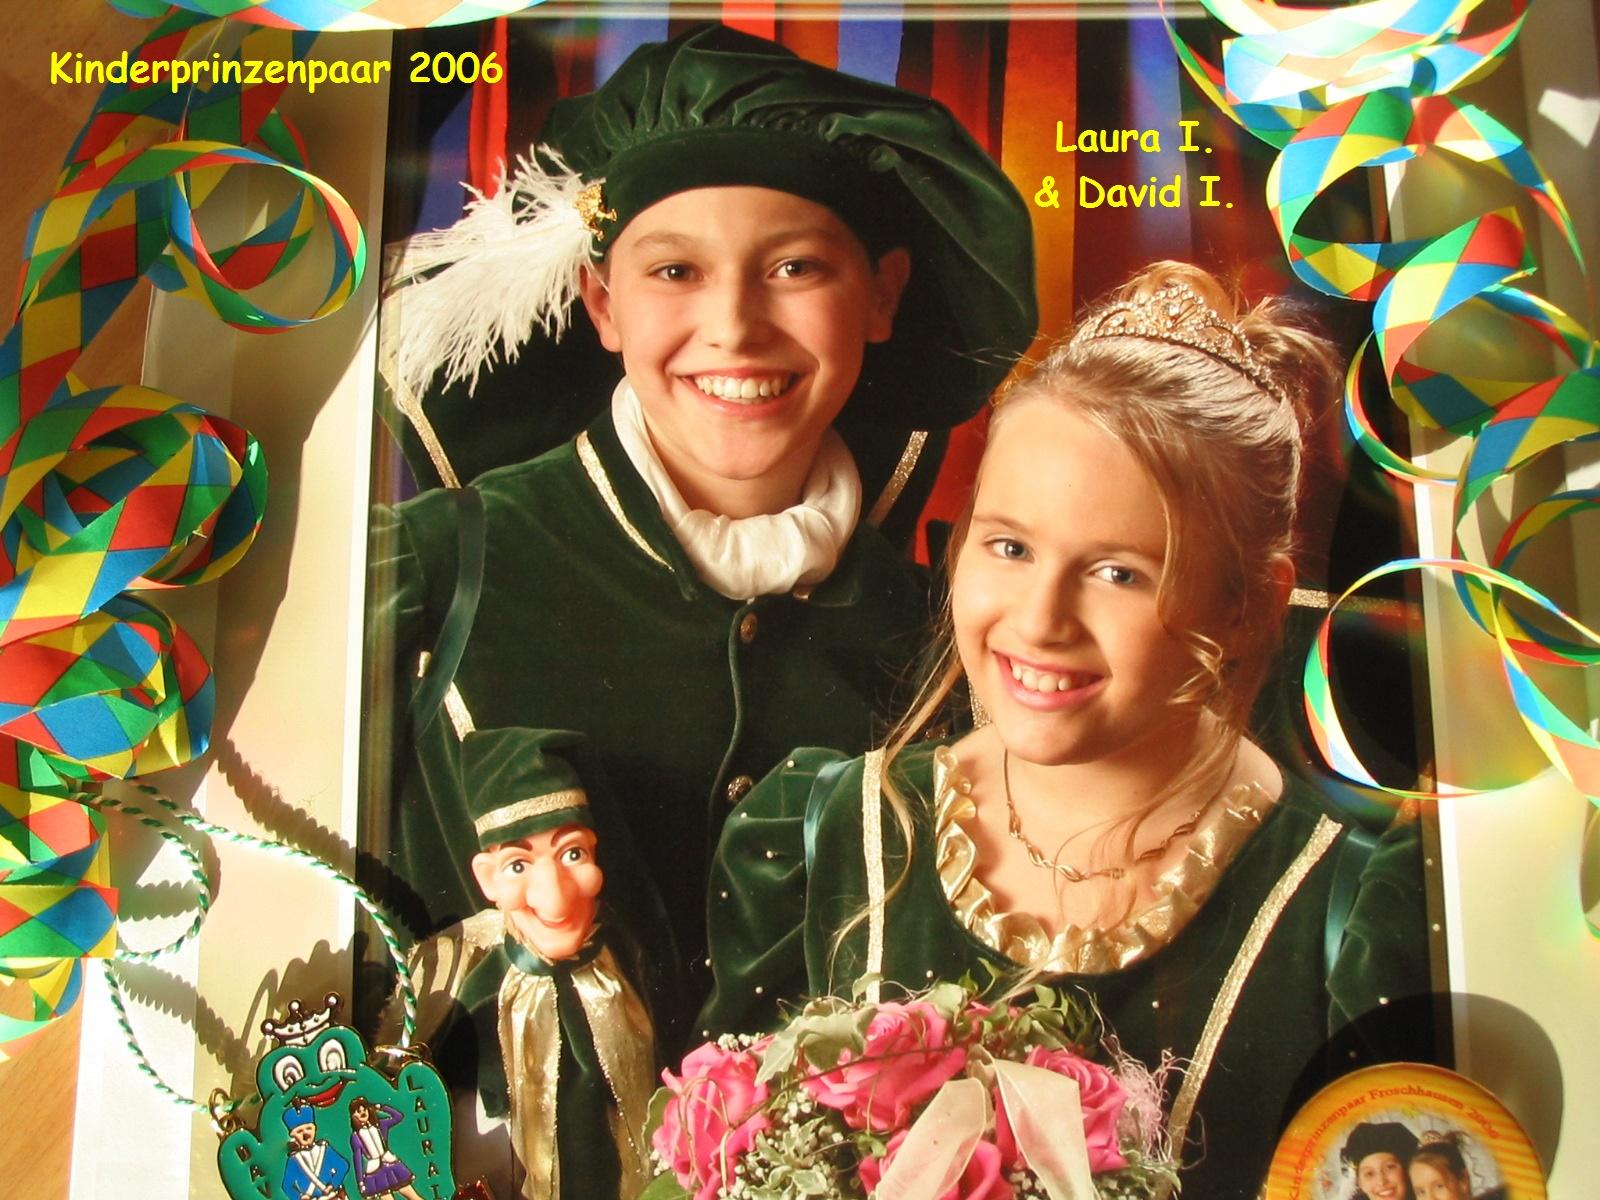 2006-Laura-Scheich-&-David-Edler